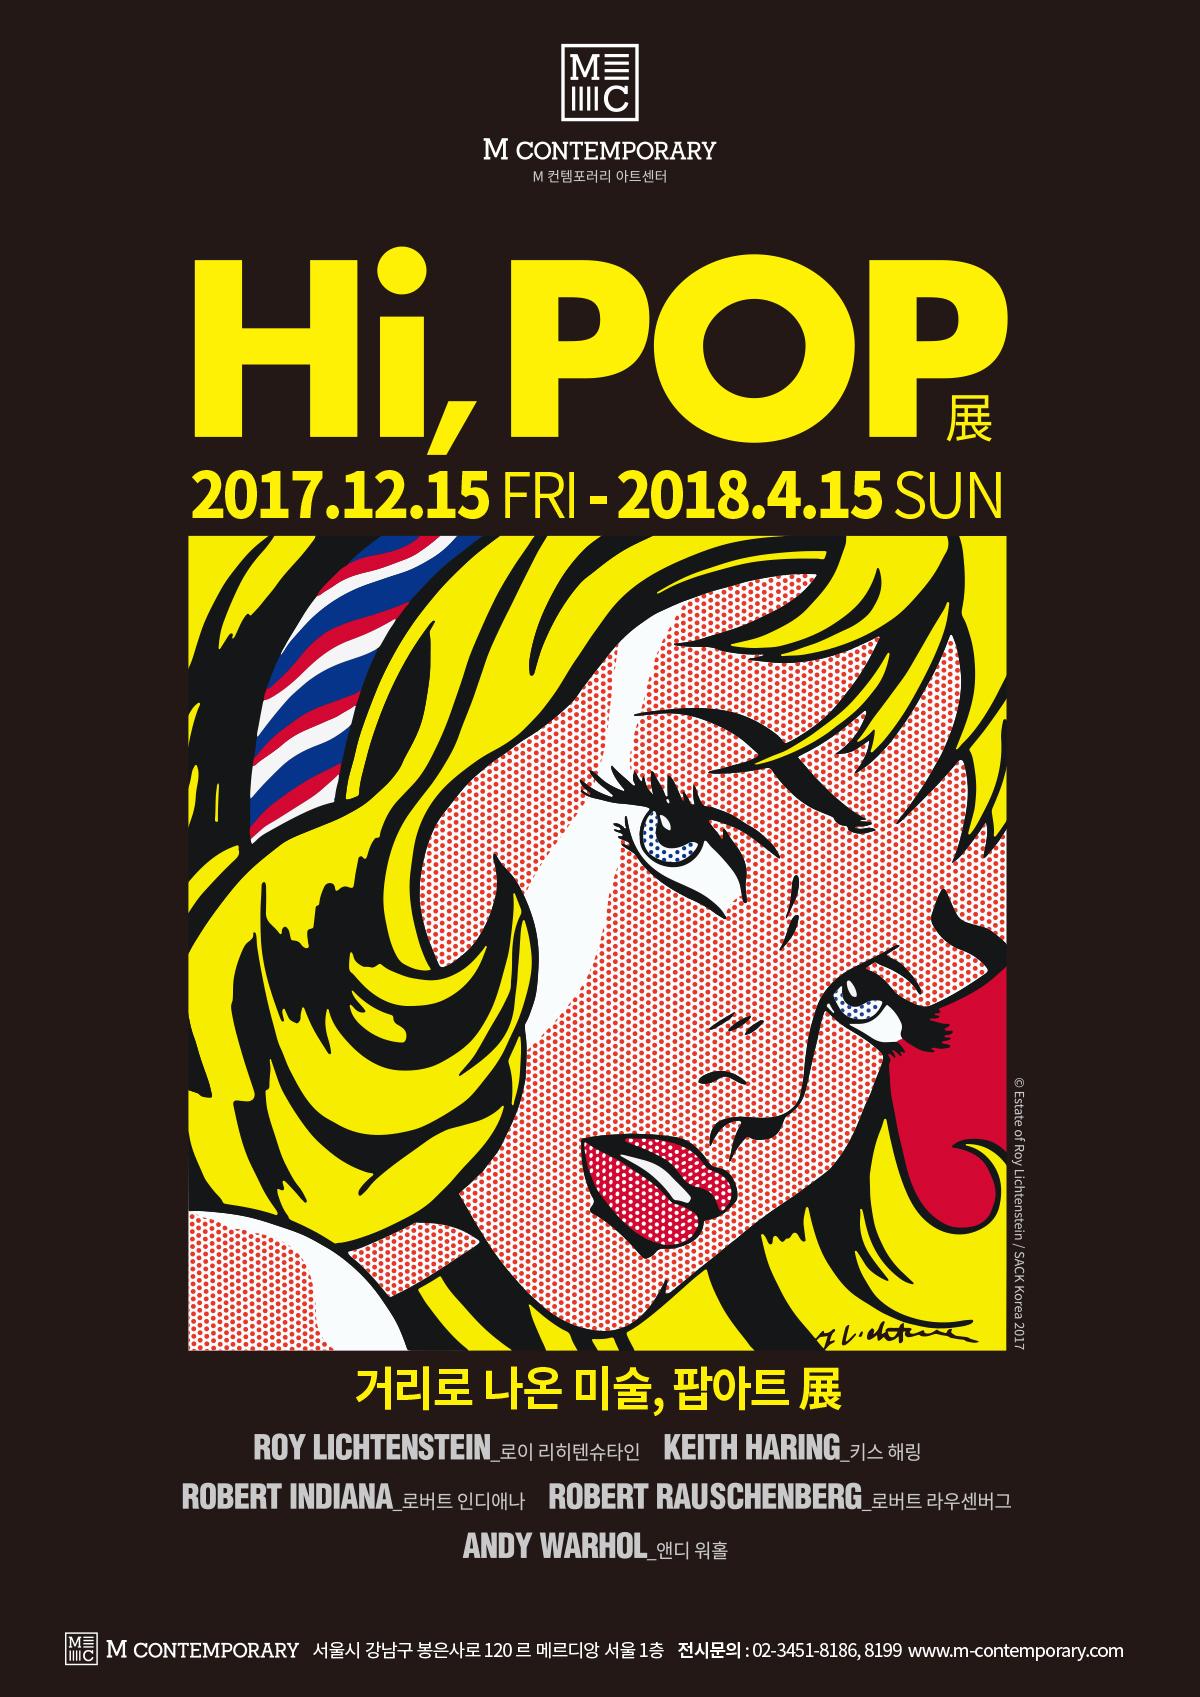 [전시] 팝아트 대표작가 5인을 통해 본 시대적 시선 'Hi, POP - 거리로 나온 미술, 팝아트'展